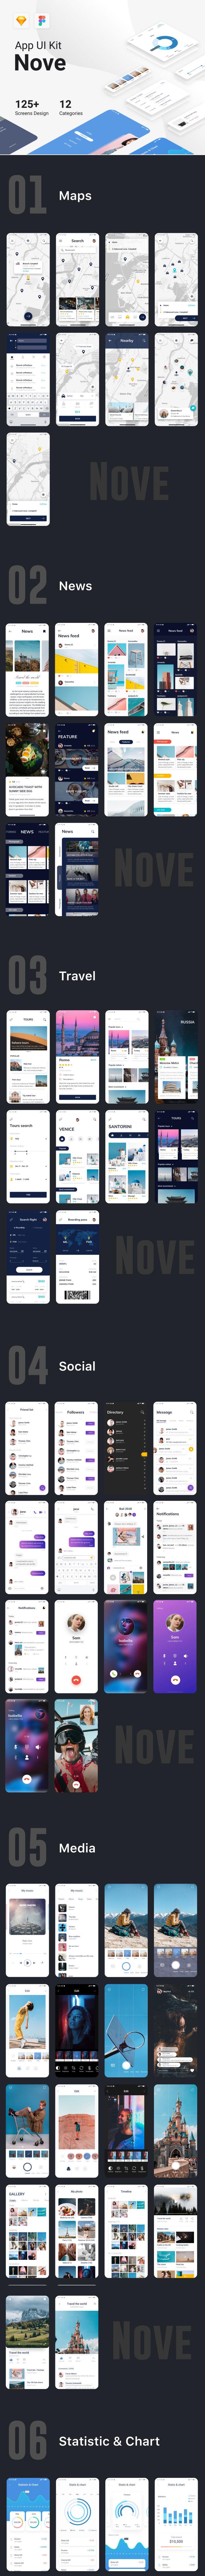 旅行出行地图类社交电商购物 APP UI KIT 模板下载Nove Mobile UI Kit